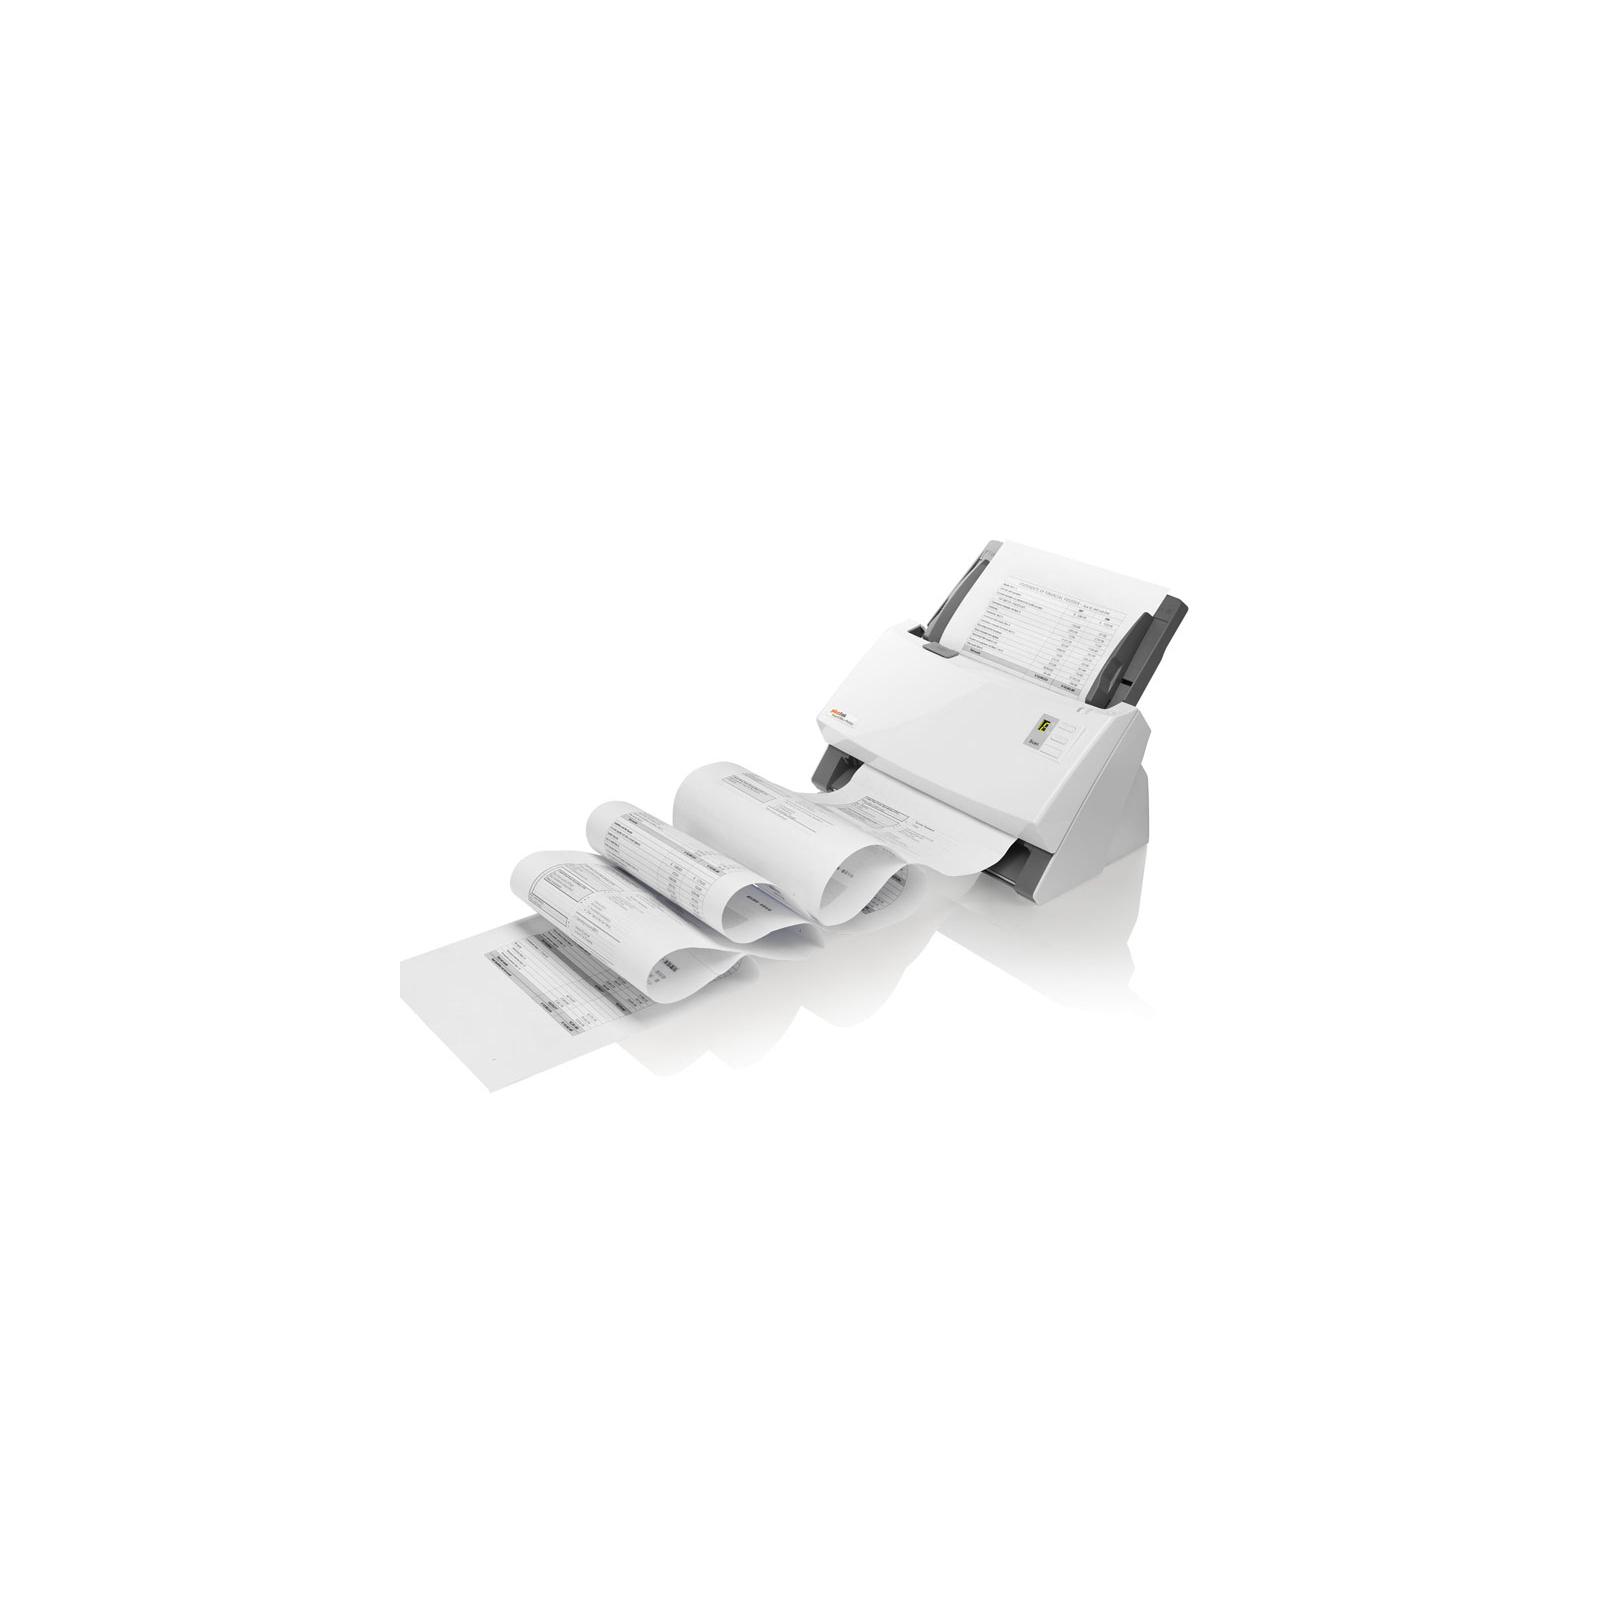 Сканер Plustek SmartOffice PS456U (0241TS) изображение 2